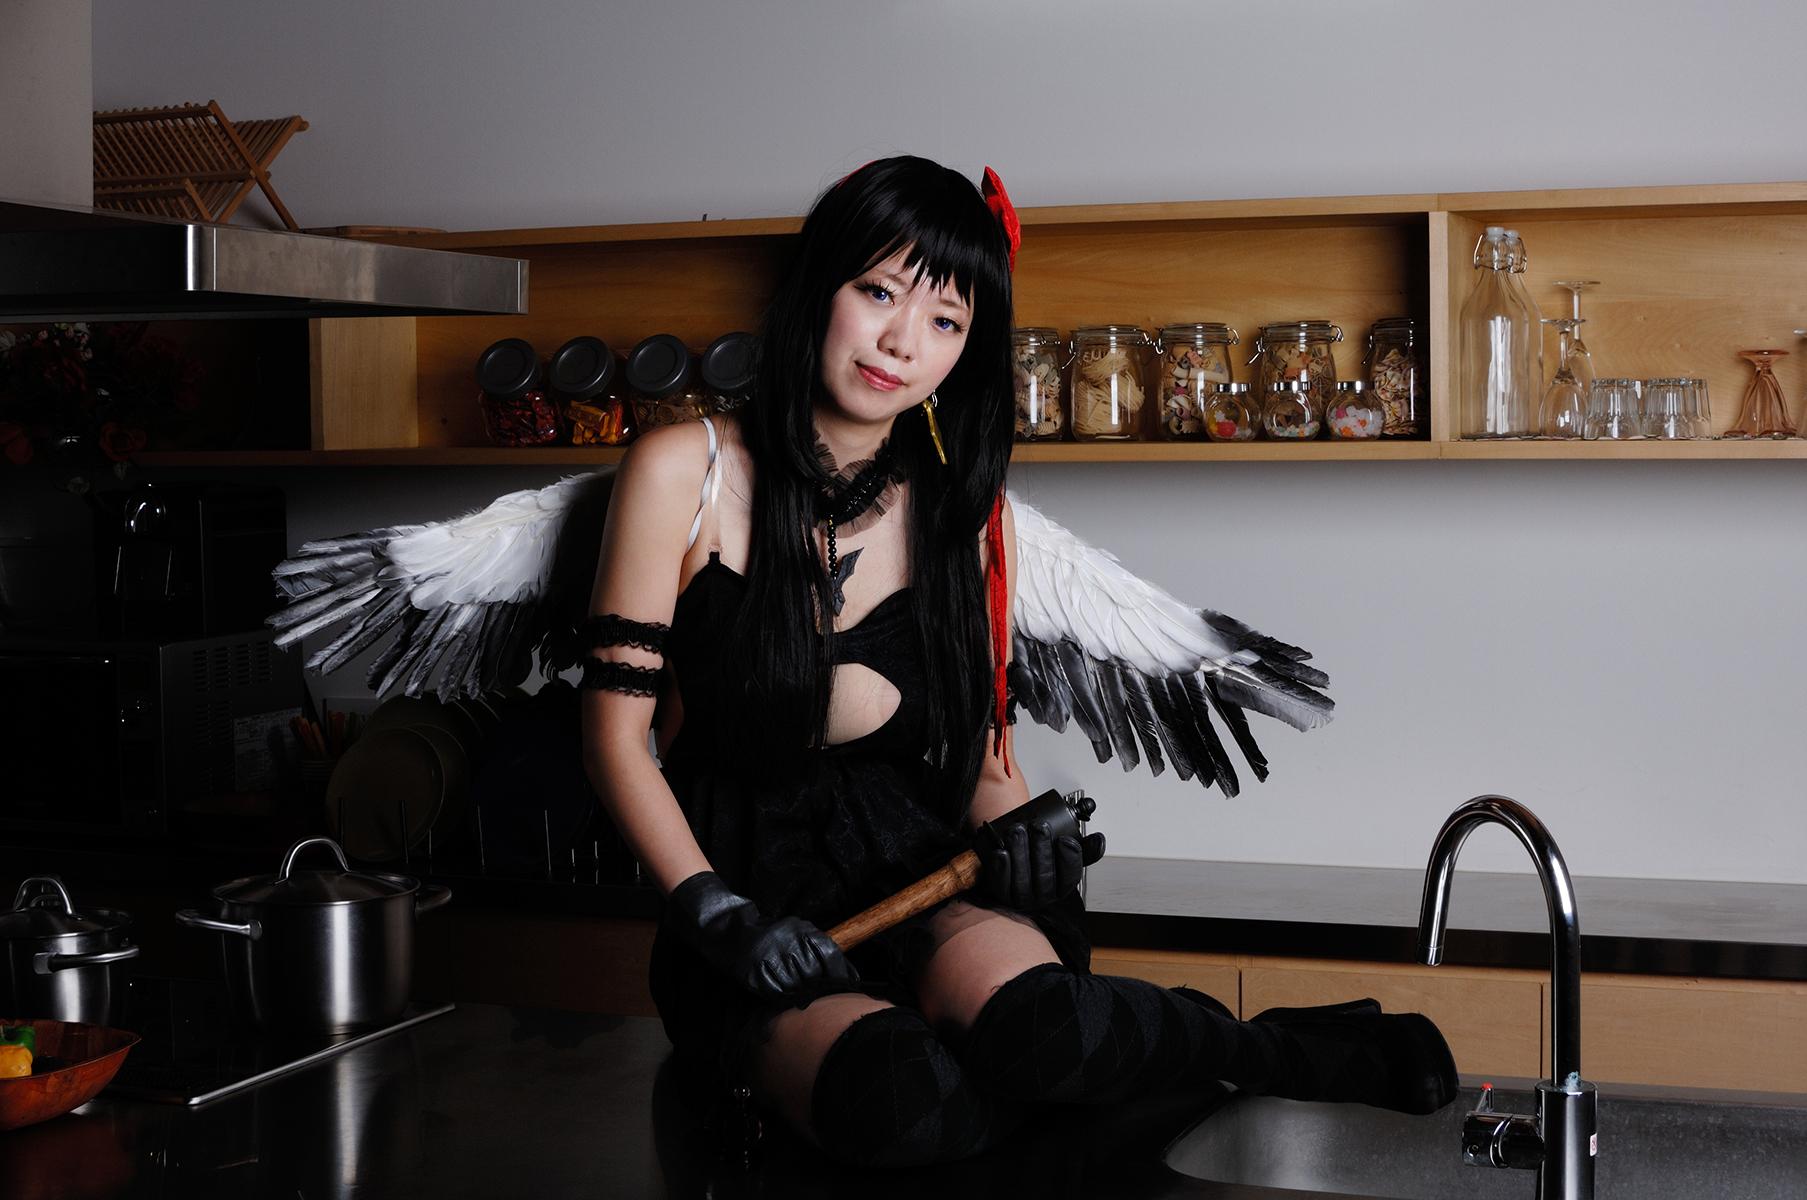 魔法少女まどか☆マギカ/悪魔ほむら